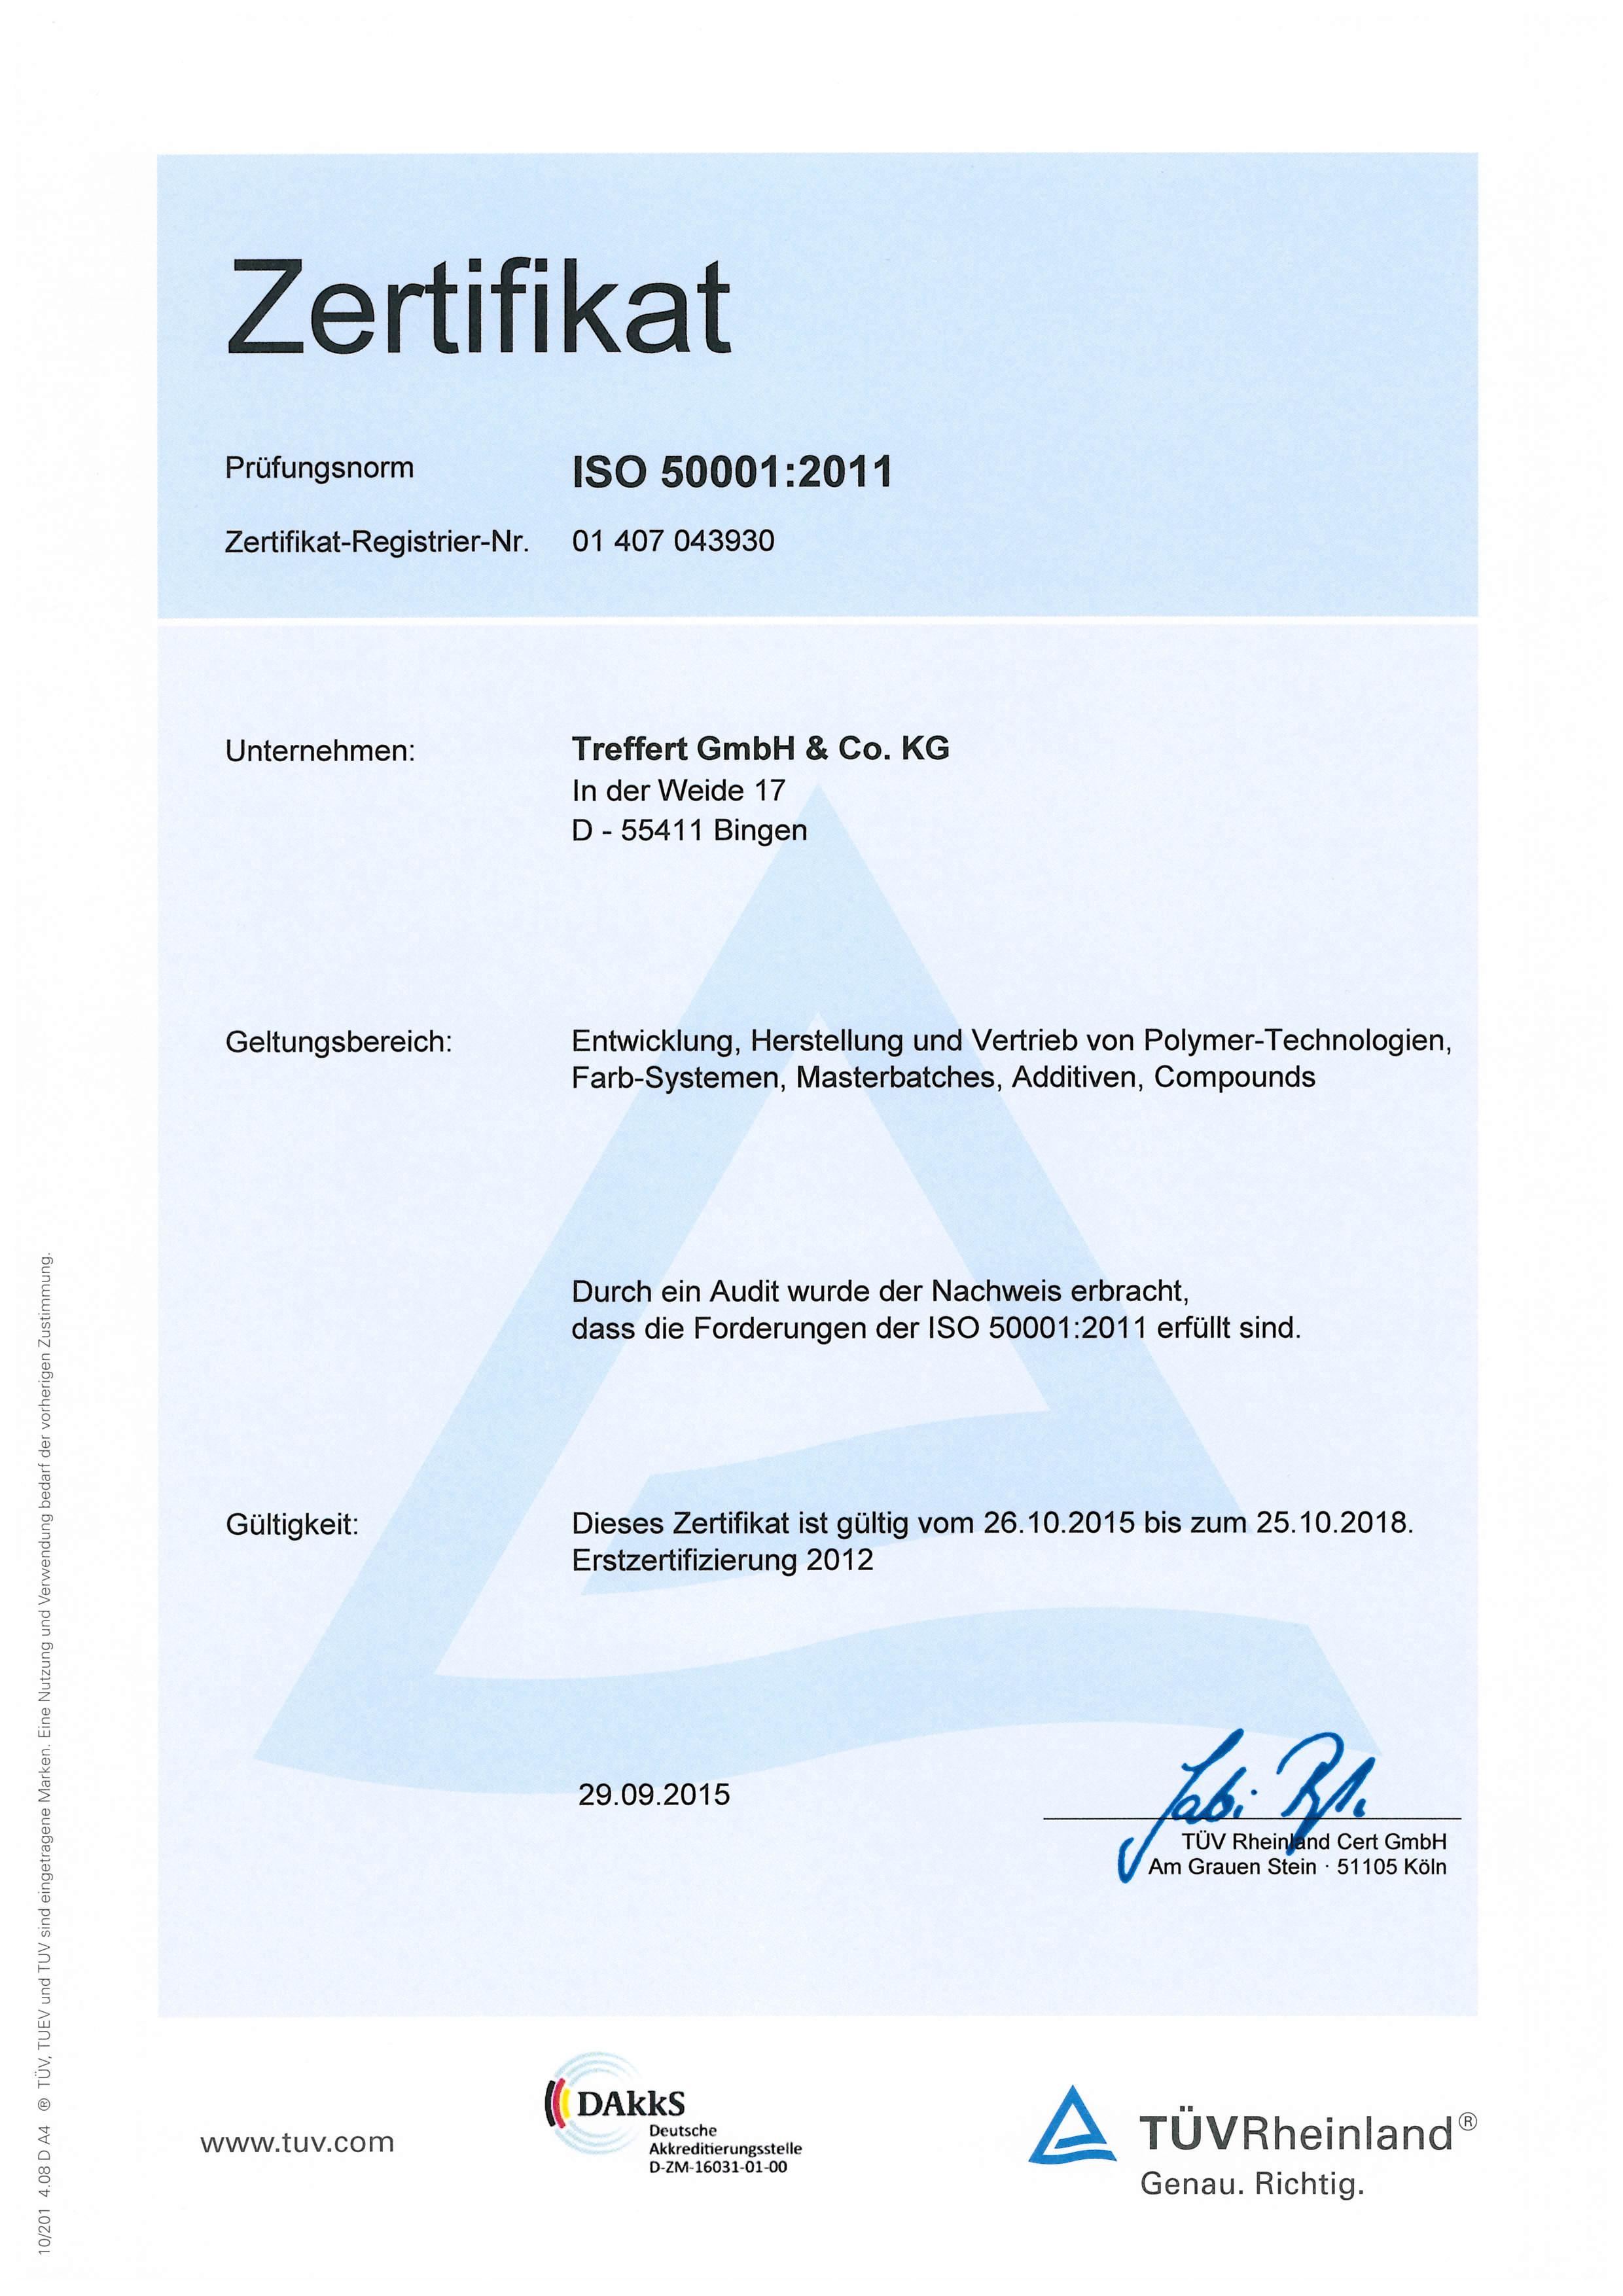 Treffert Zertifikat DIN EN ISO 50001